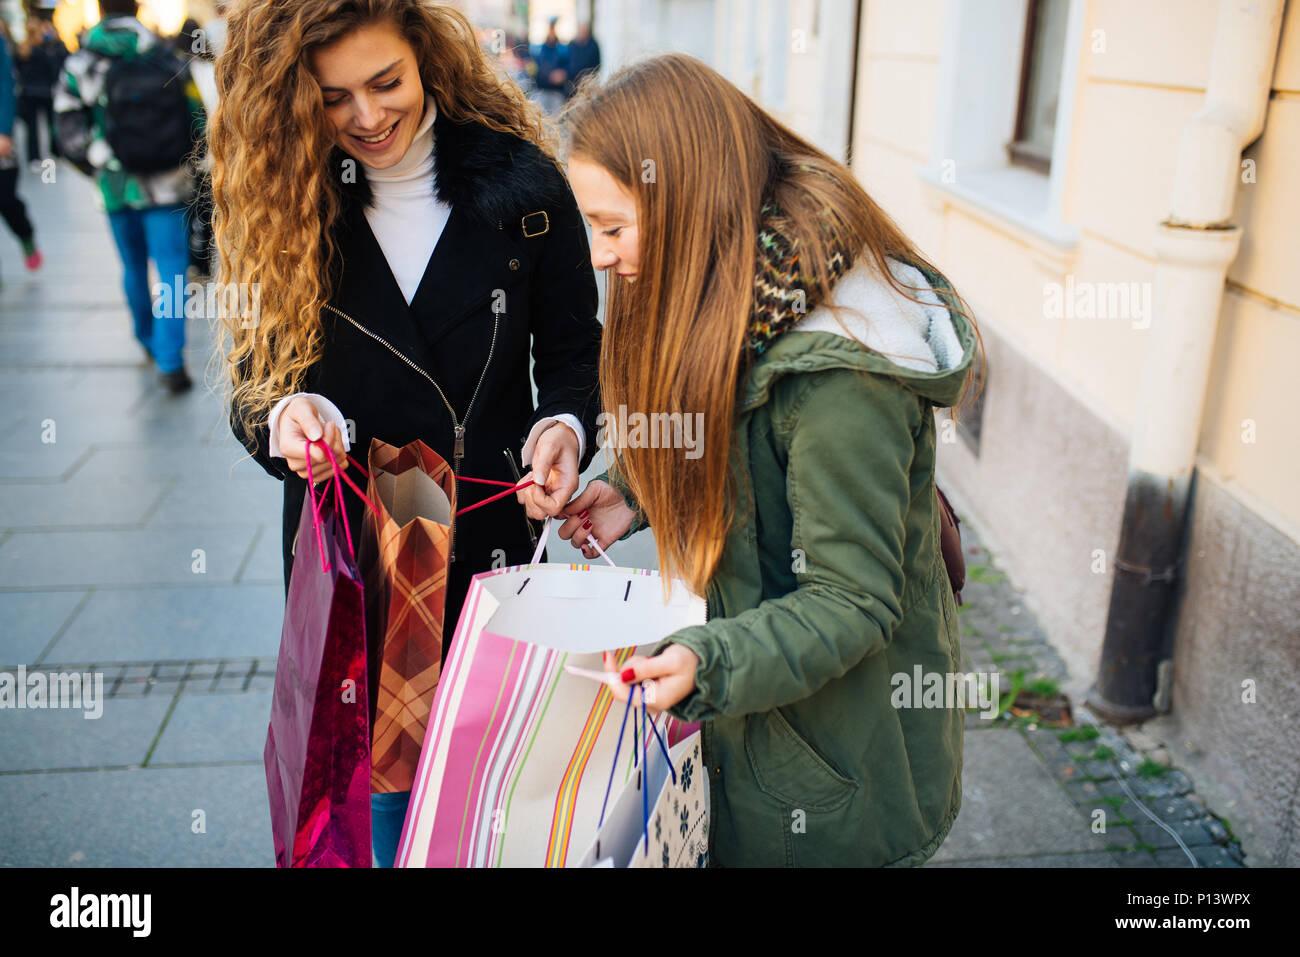 Jeune femme séduisante avec santa claus hat en face de votre fenêtre d'acheter quelque chose Photo Stock